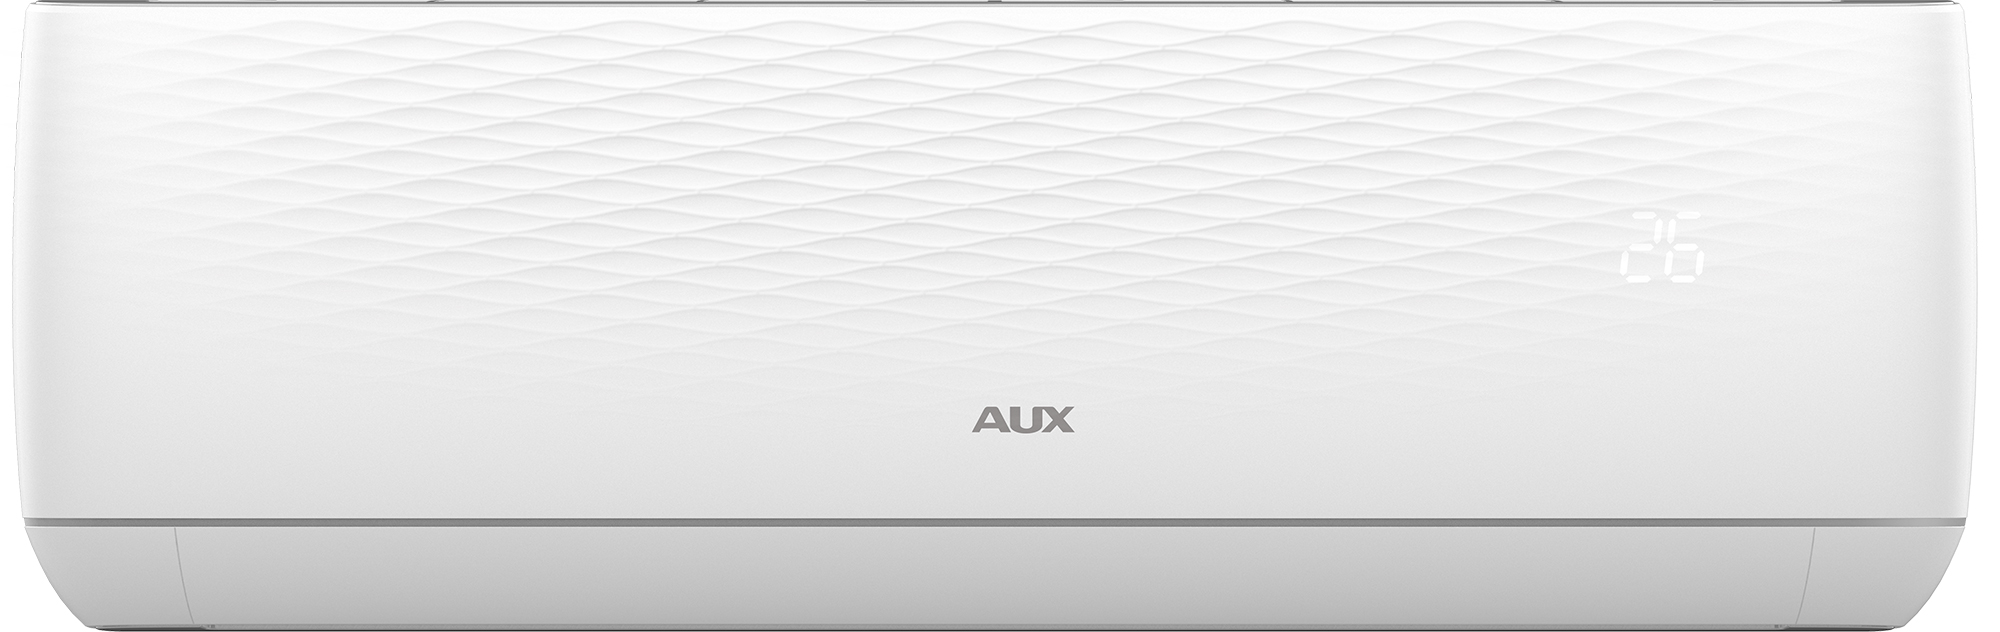 Кондиционер настенный AUX ASW-H18B4/JER3DI